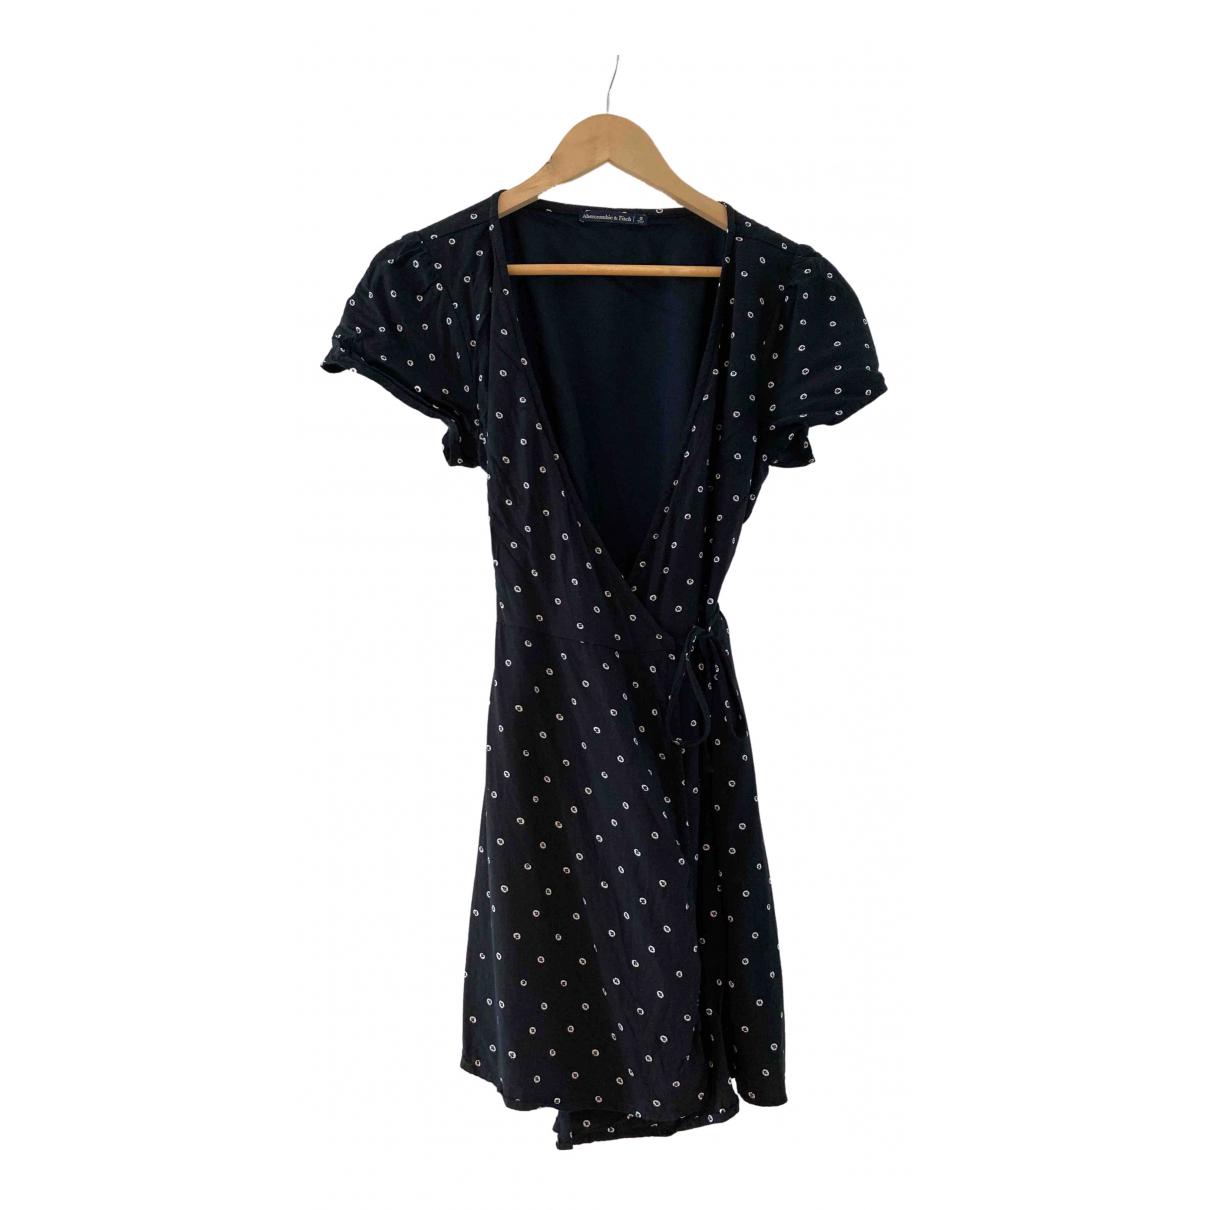 Abercrombie & Fitch - Robe   pour femme - noir